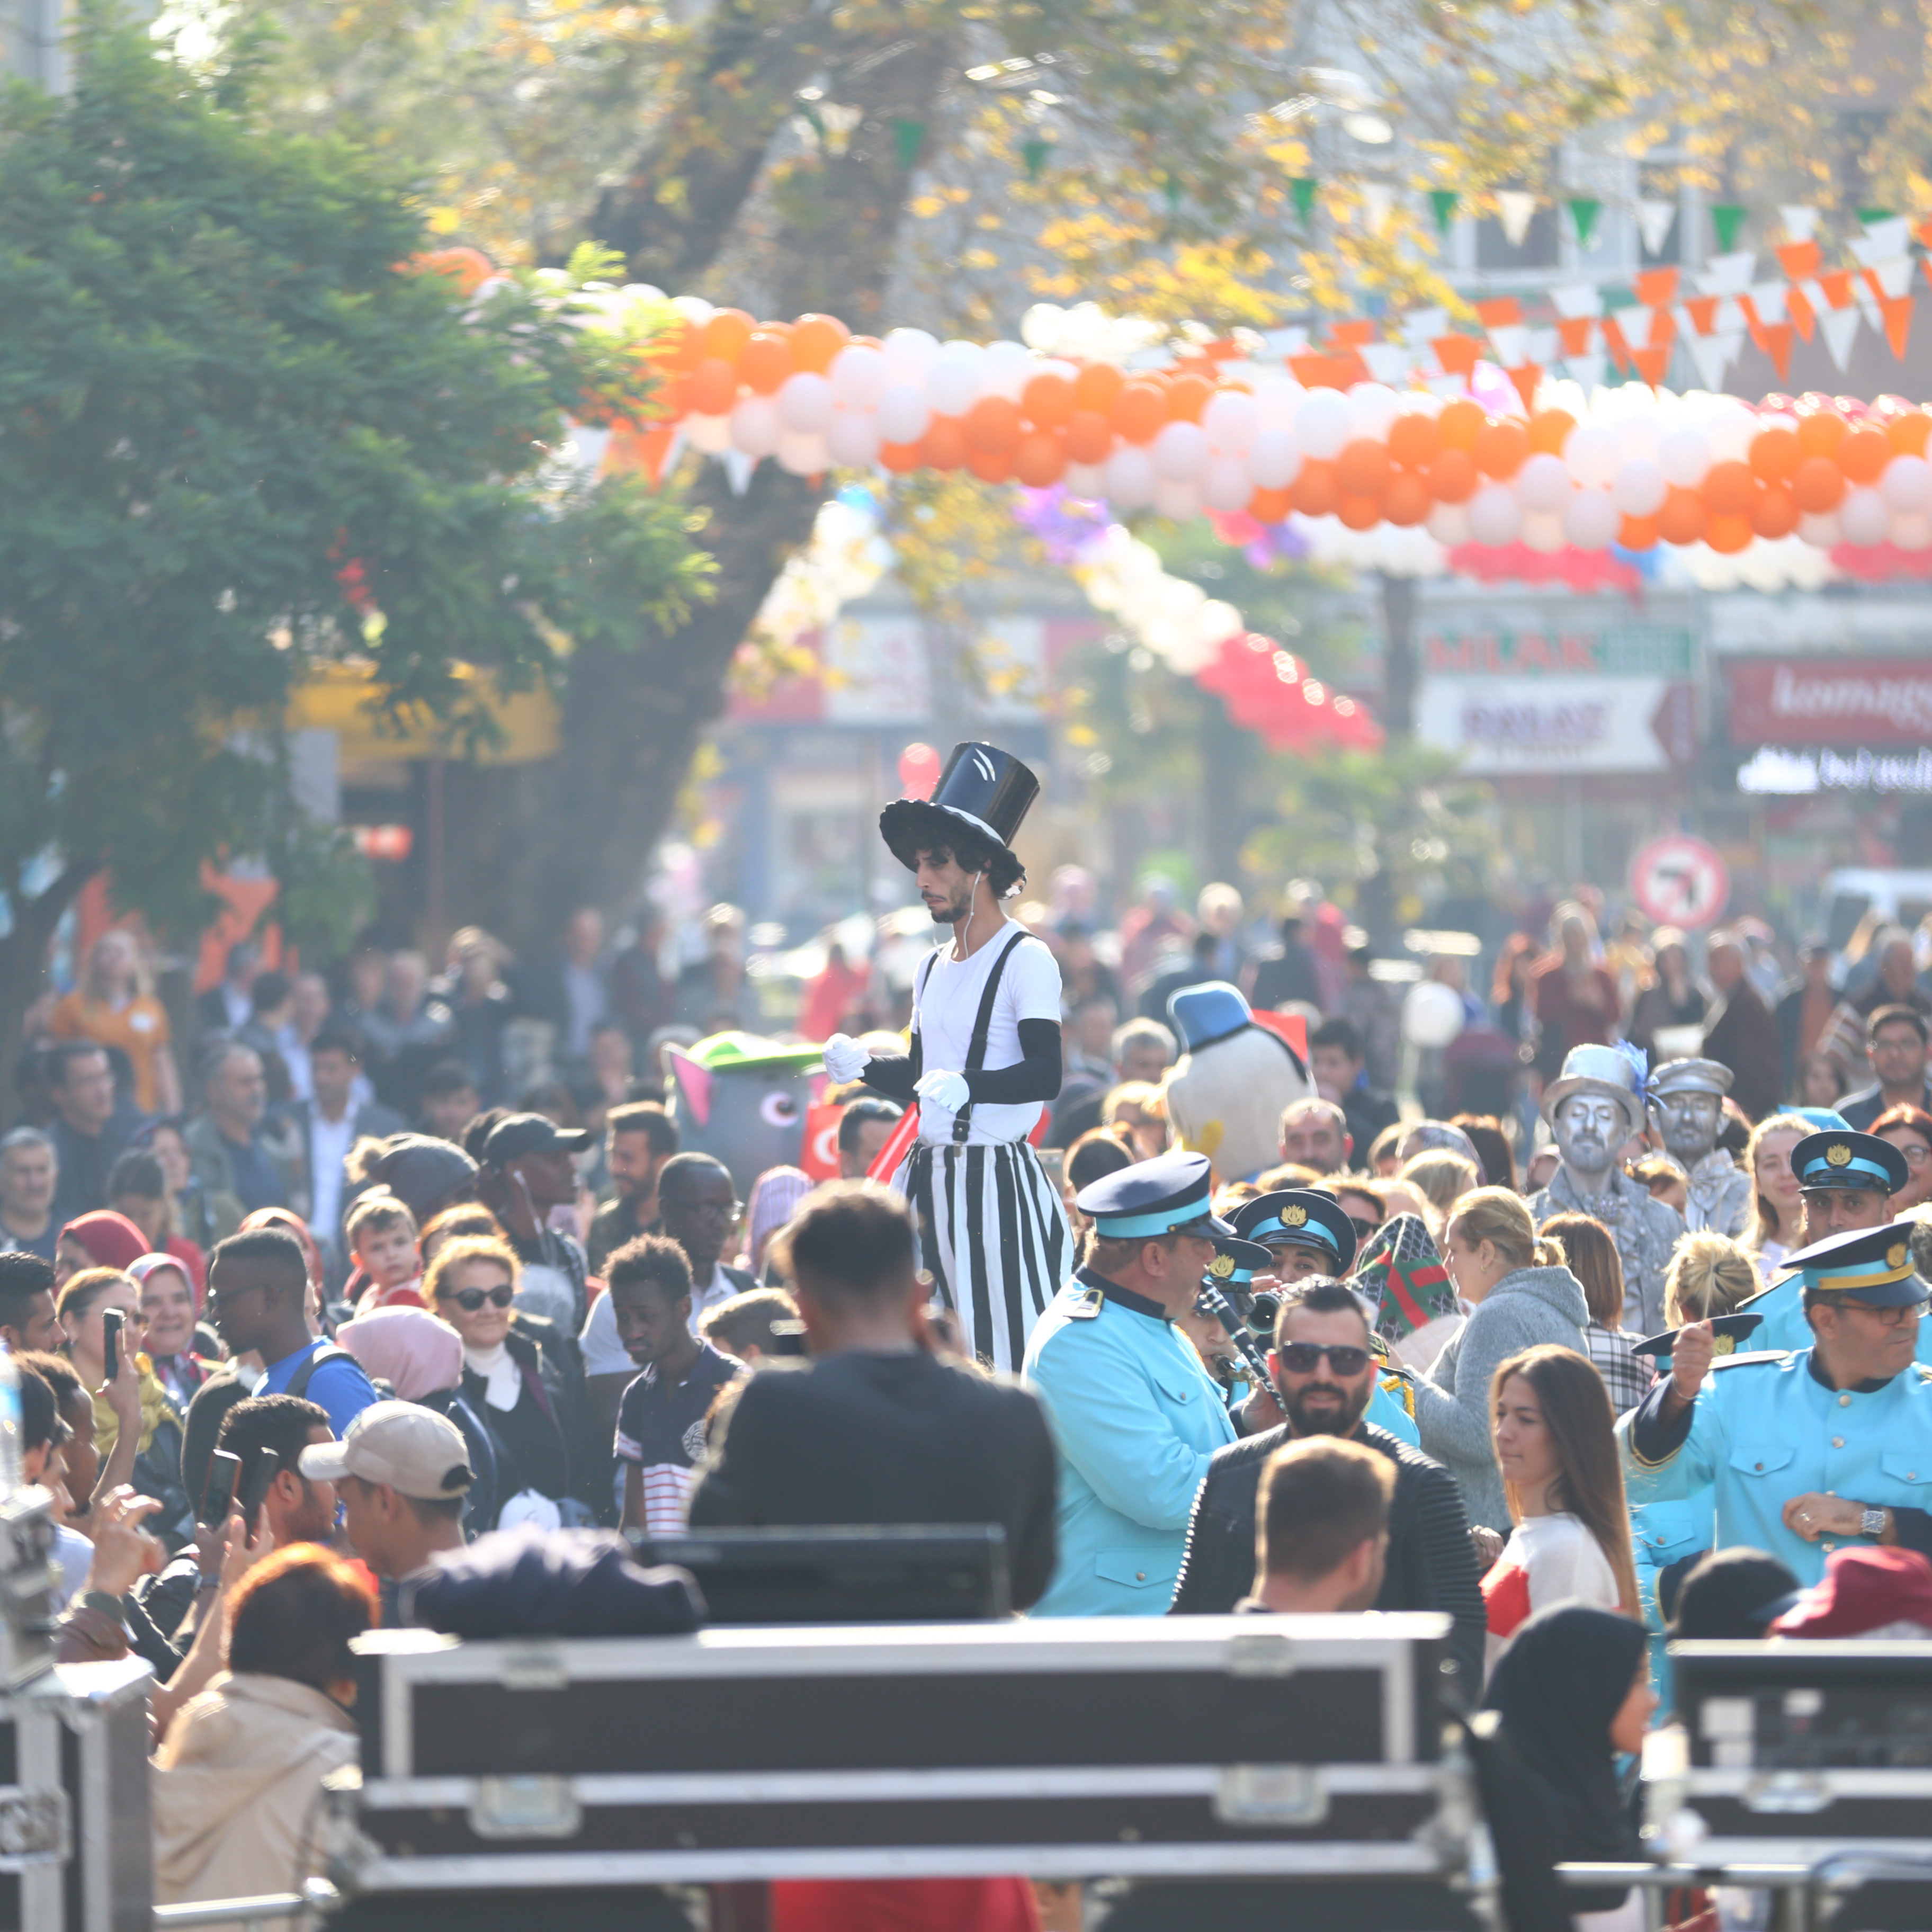 Gönen Alışveriş Festivali